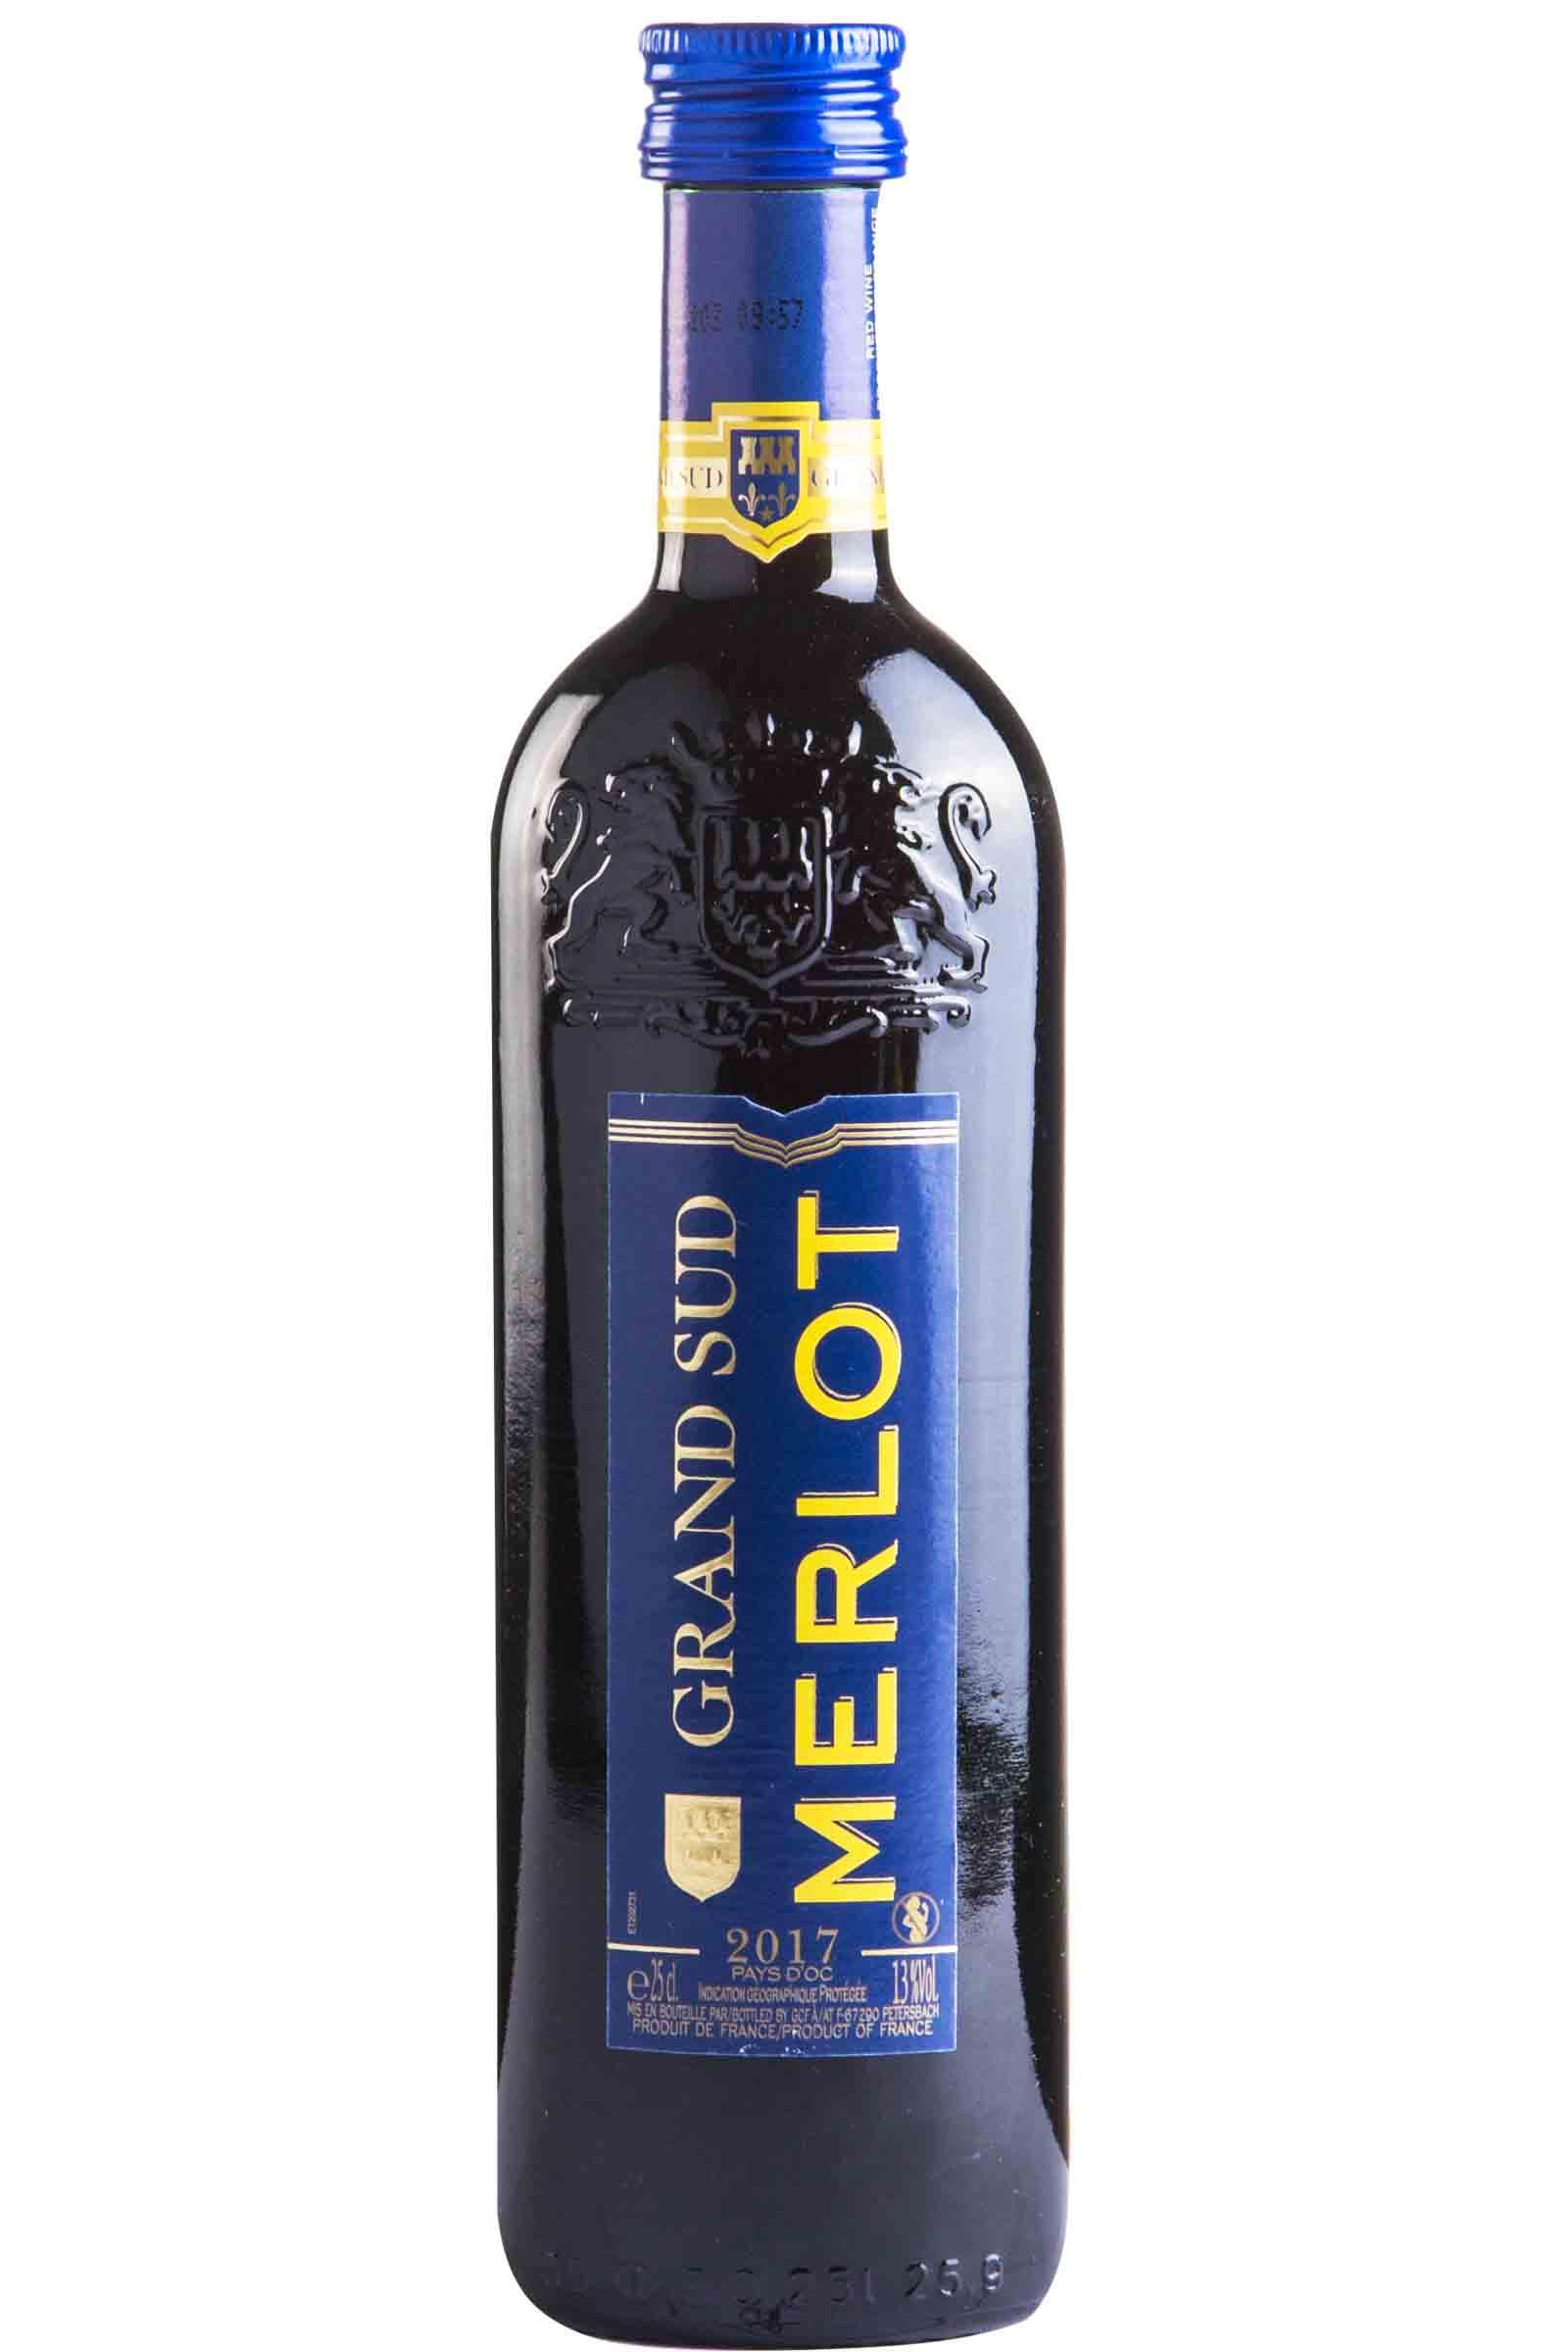 Vino Grand Sud Merlot 250ml